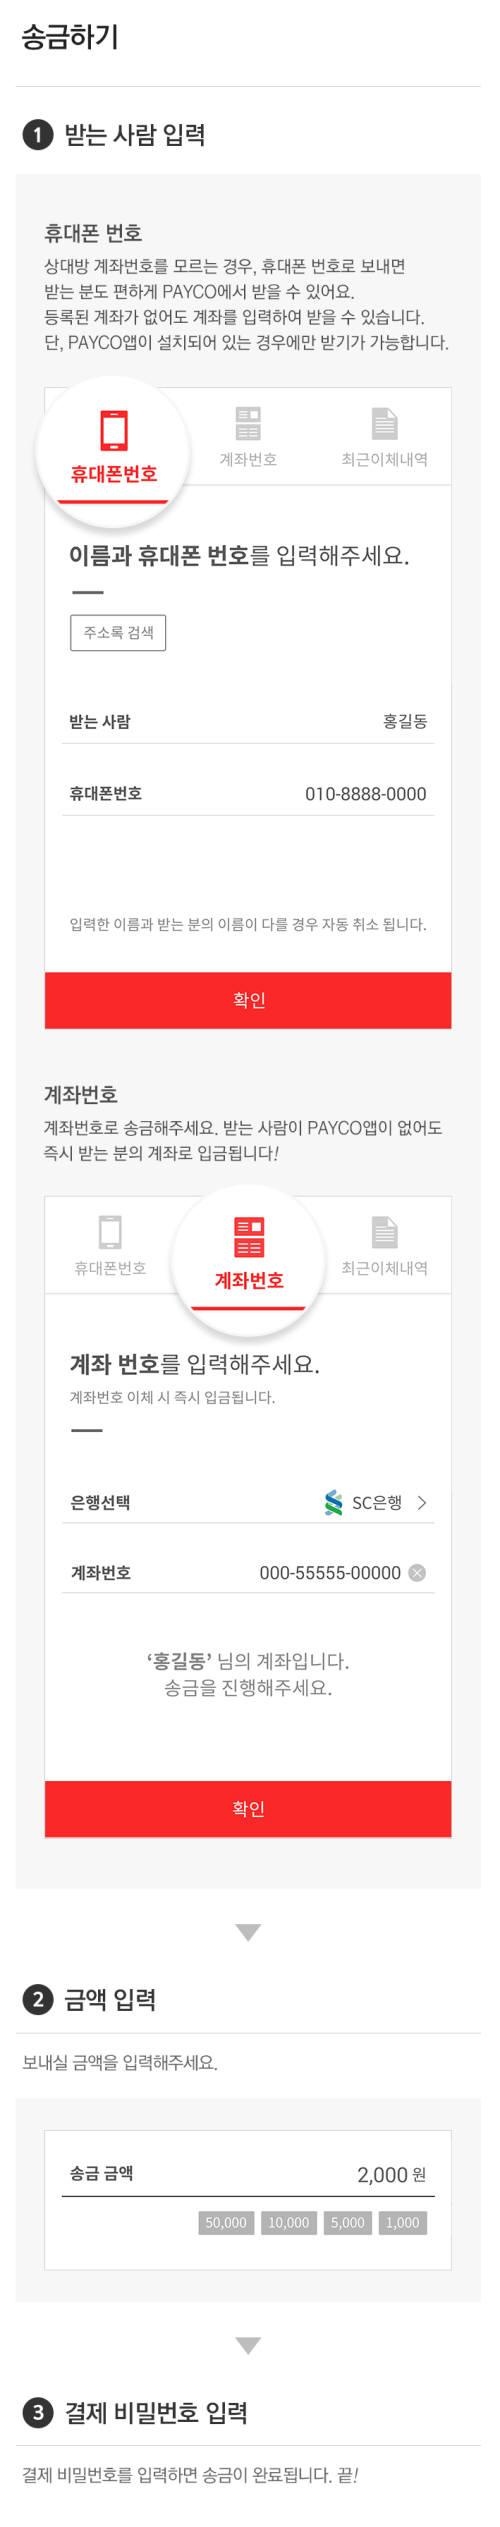 NHN엔터, 간편결제 페이코 `간편송금` 서비스 출시